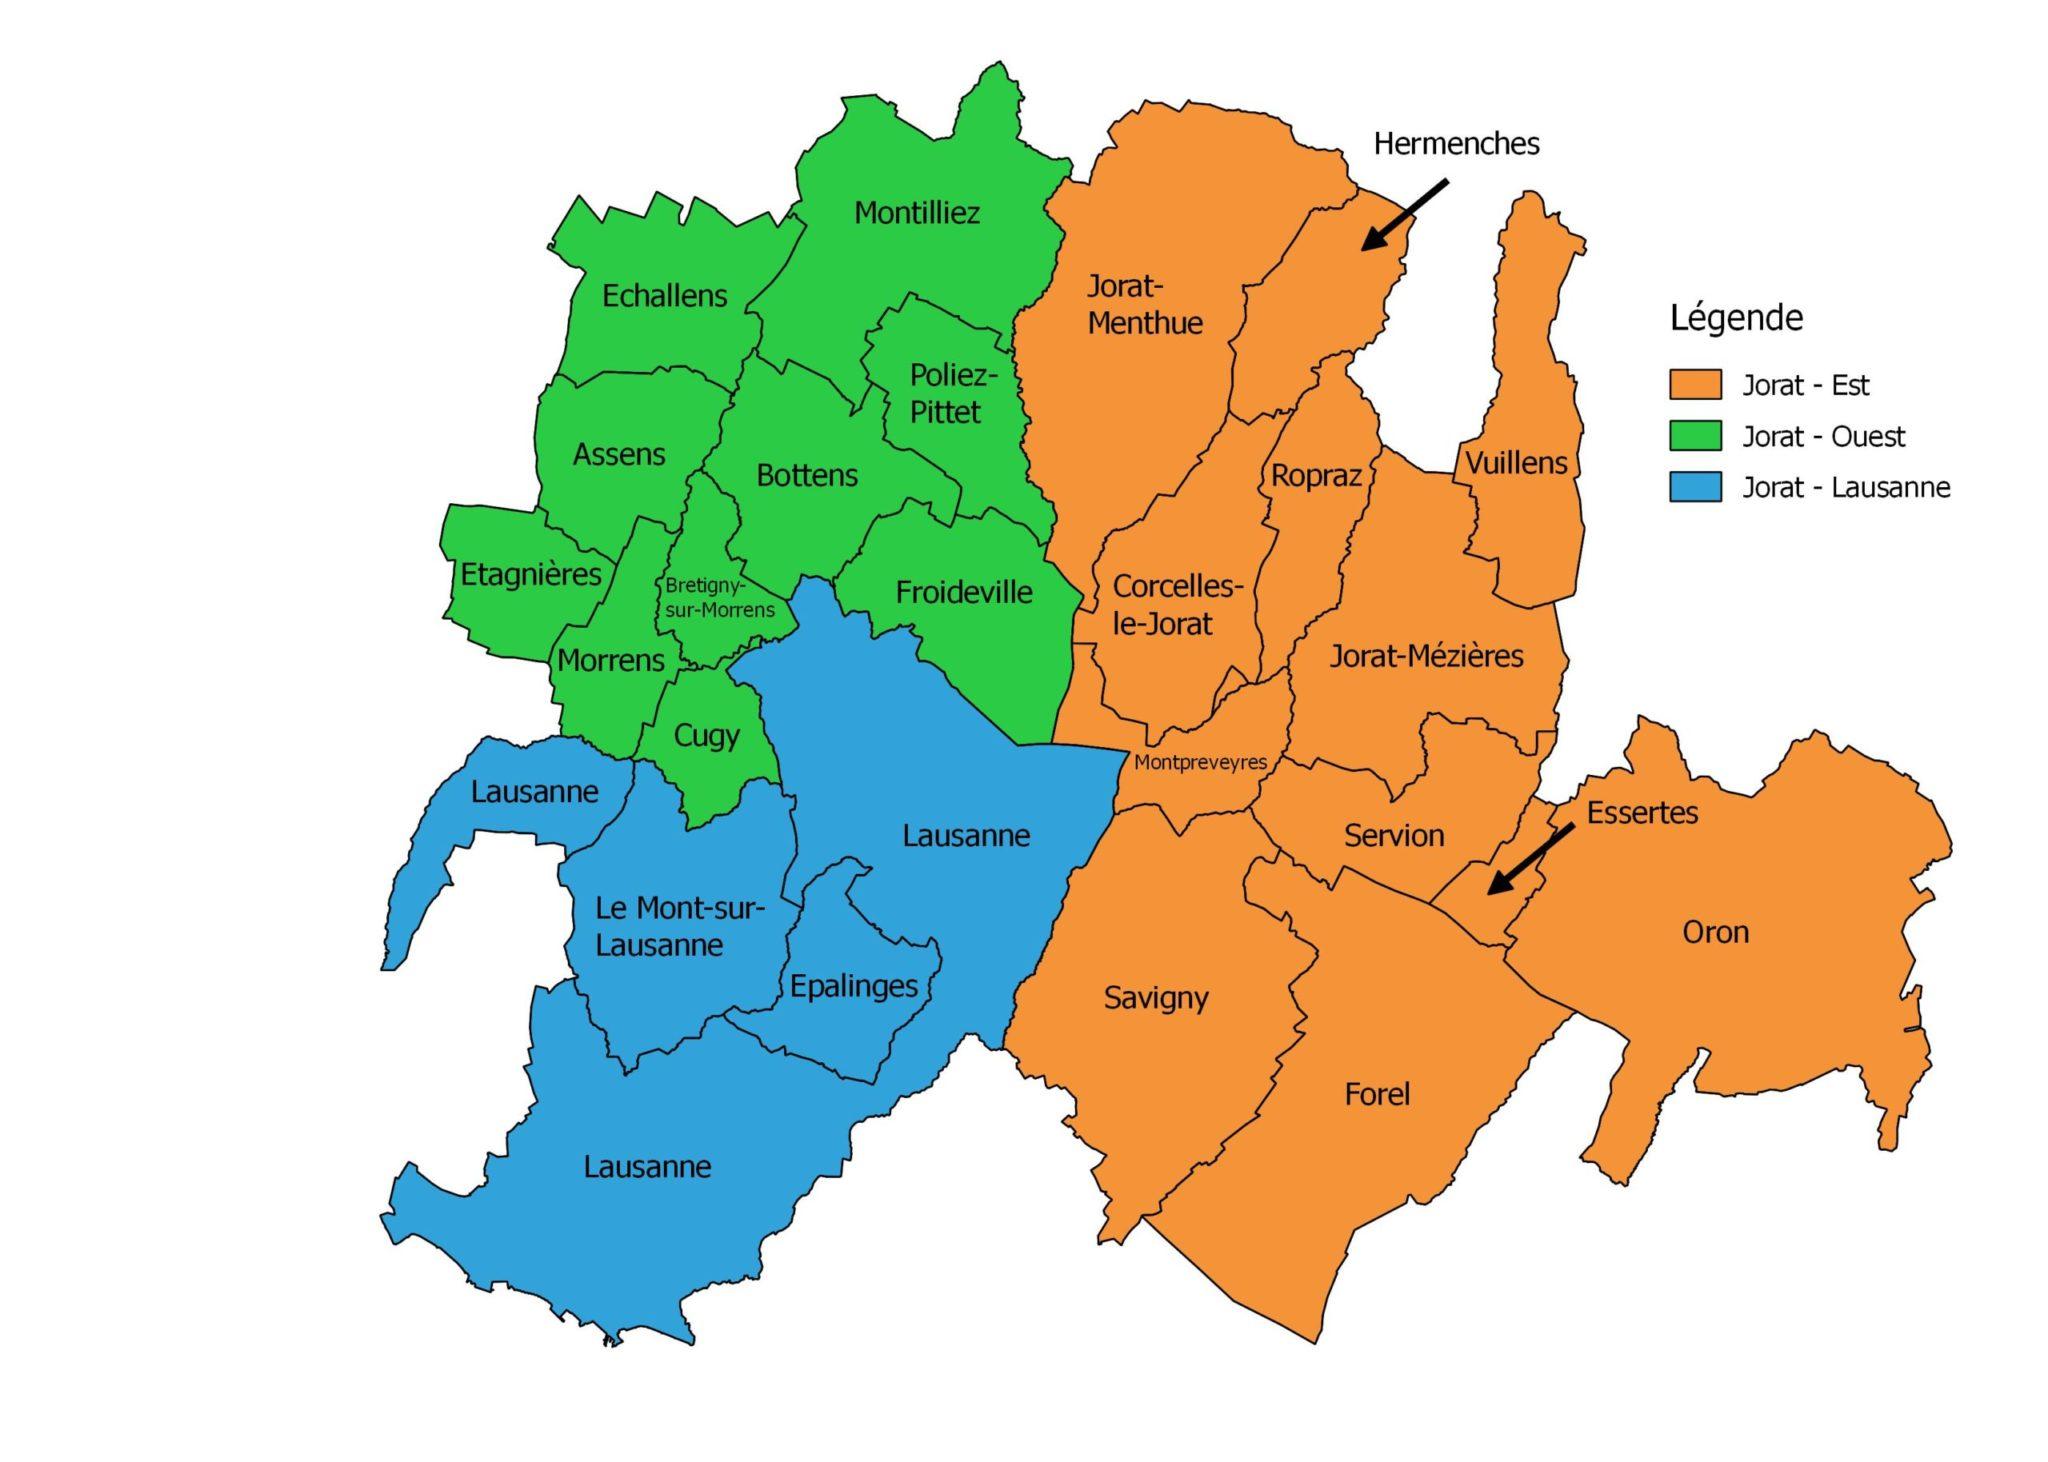 Carte des communes de la région du Jorat.